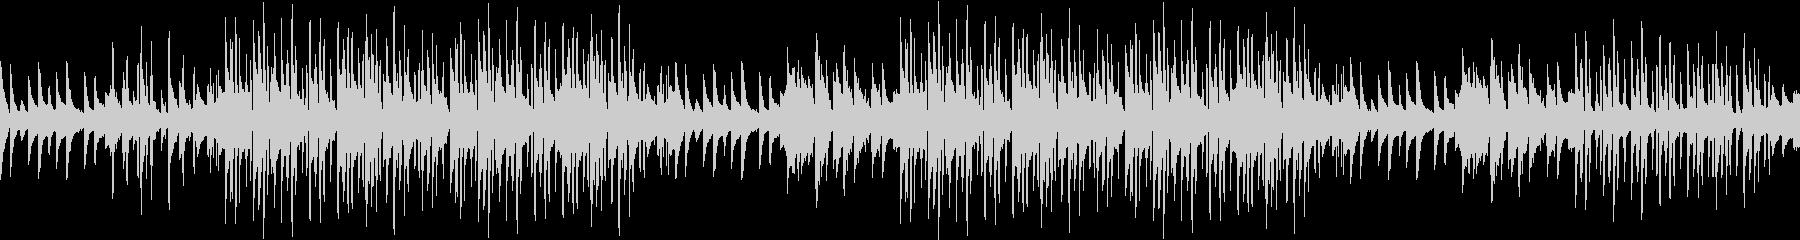 エンディング・感動・ピアノ・青春・ループの未再生の波形